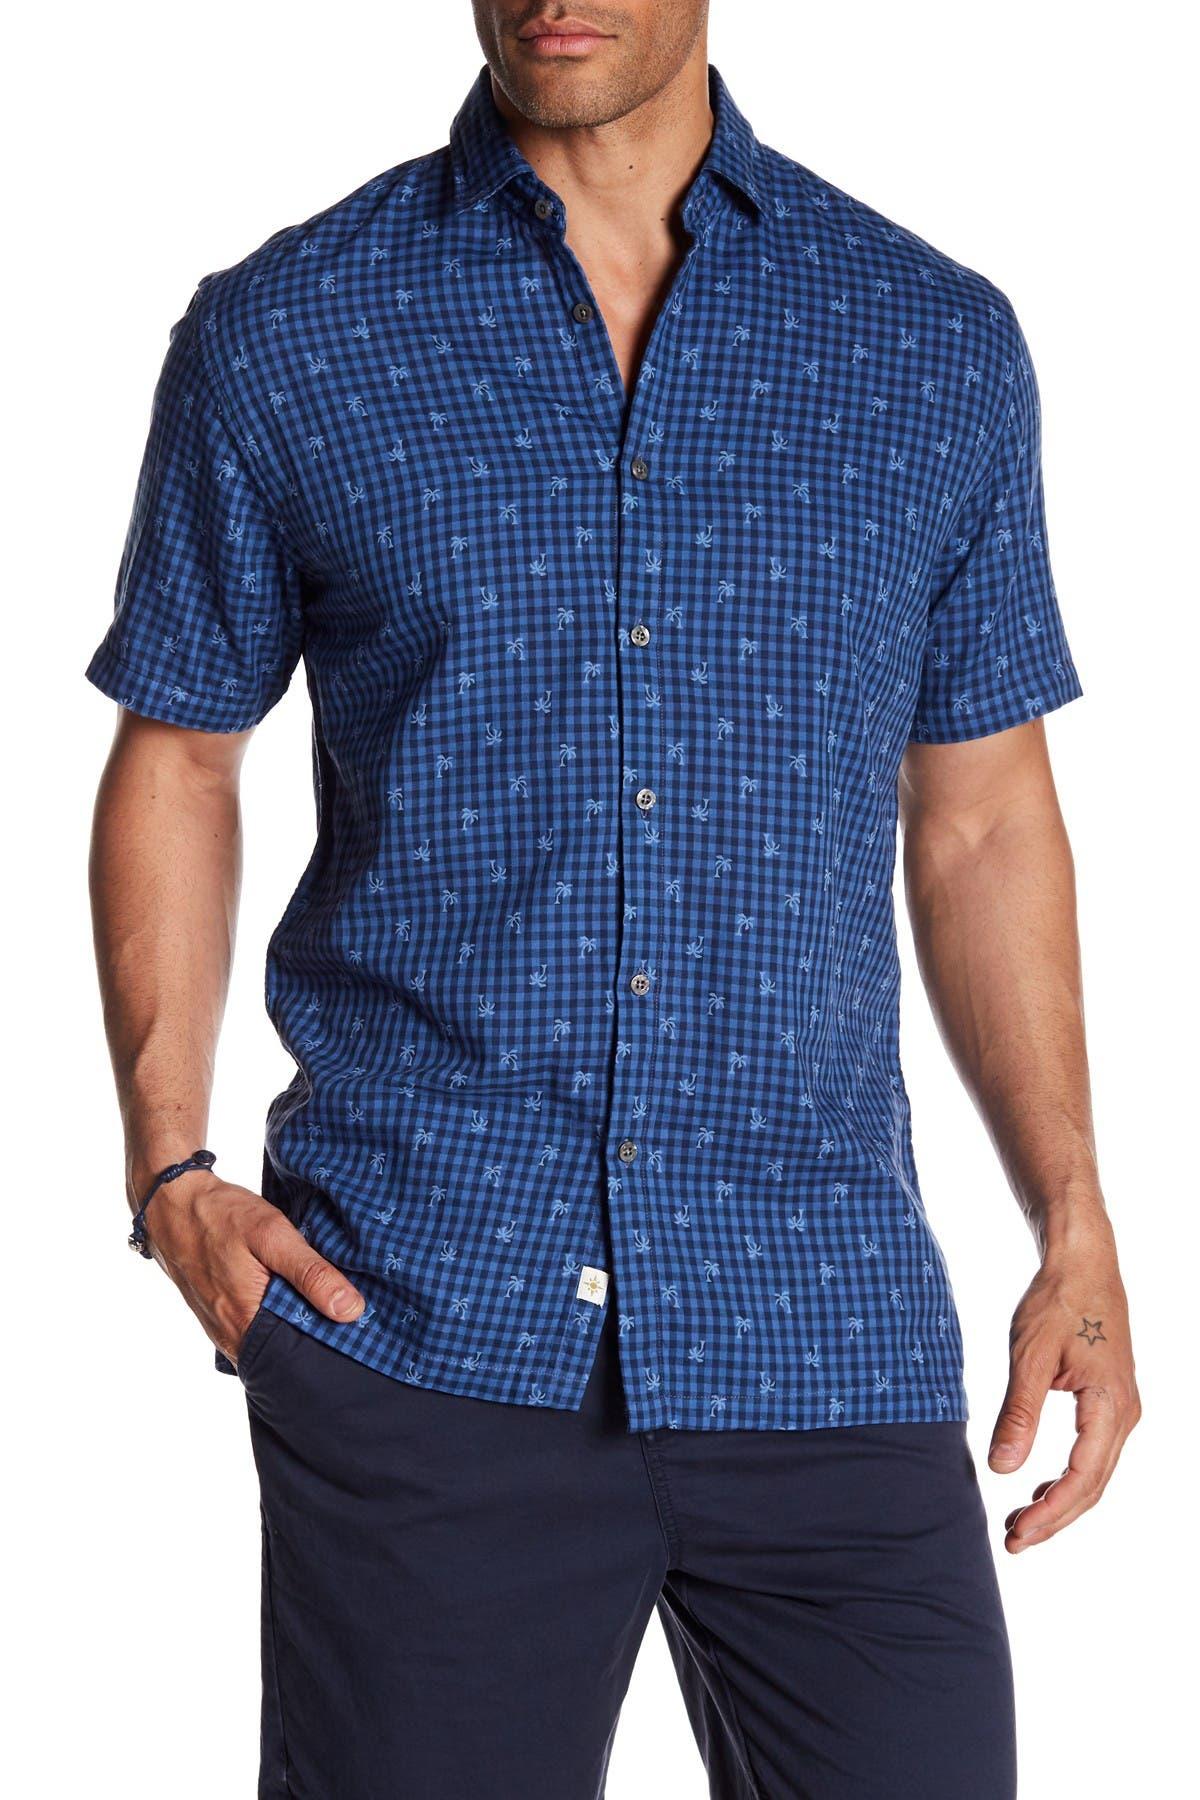 Image of COASTAORO Palmem Gingham Print Slim Fit Shirt